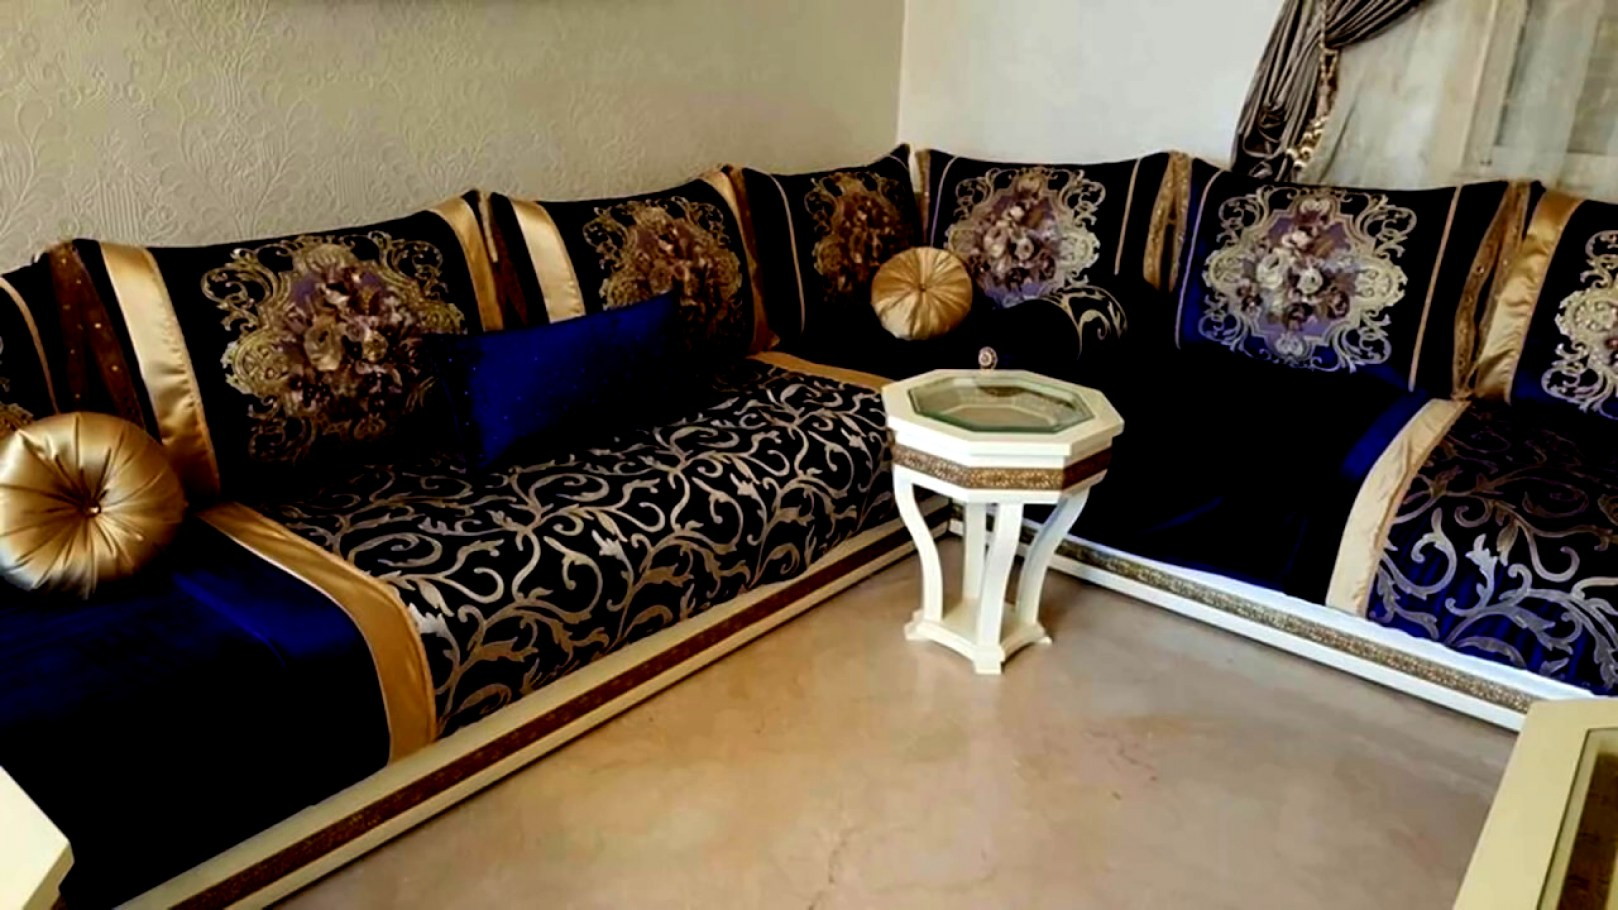 Vente salon marocain moderne 2019 à Montpellier - Déco Salon ...